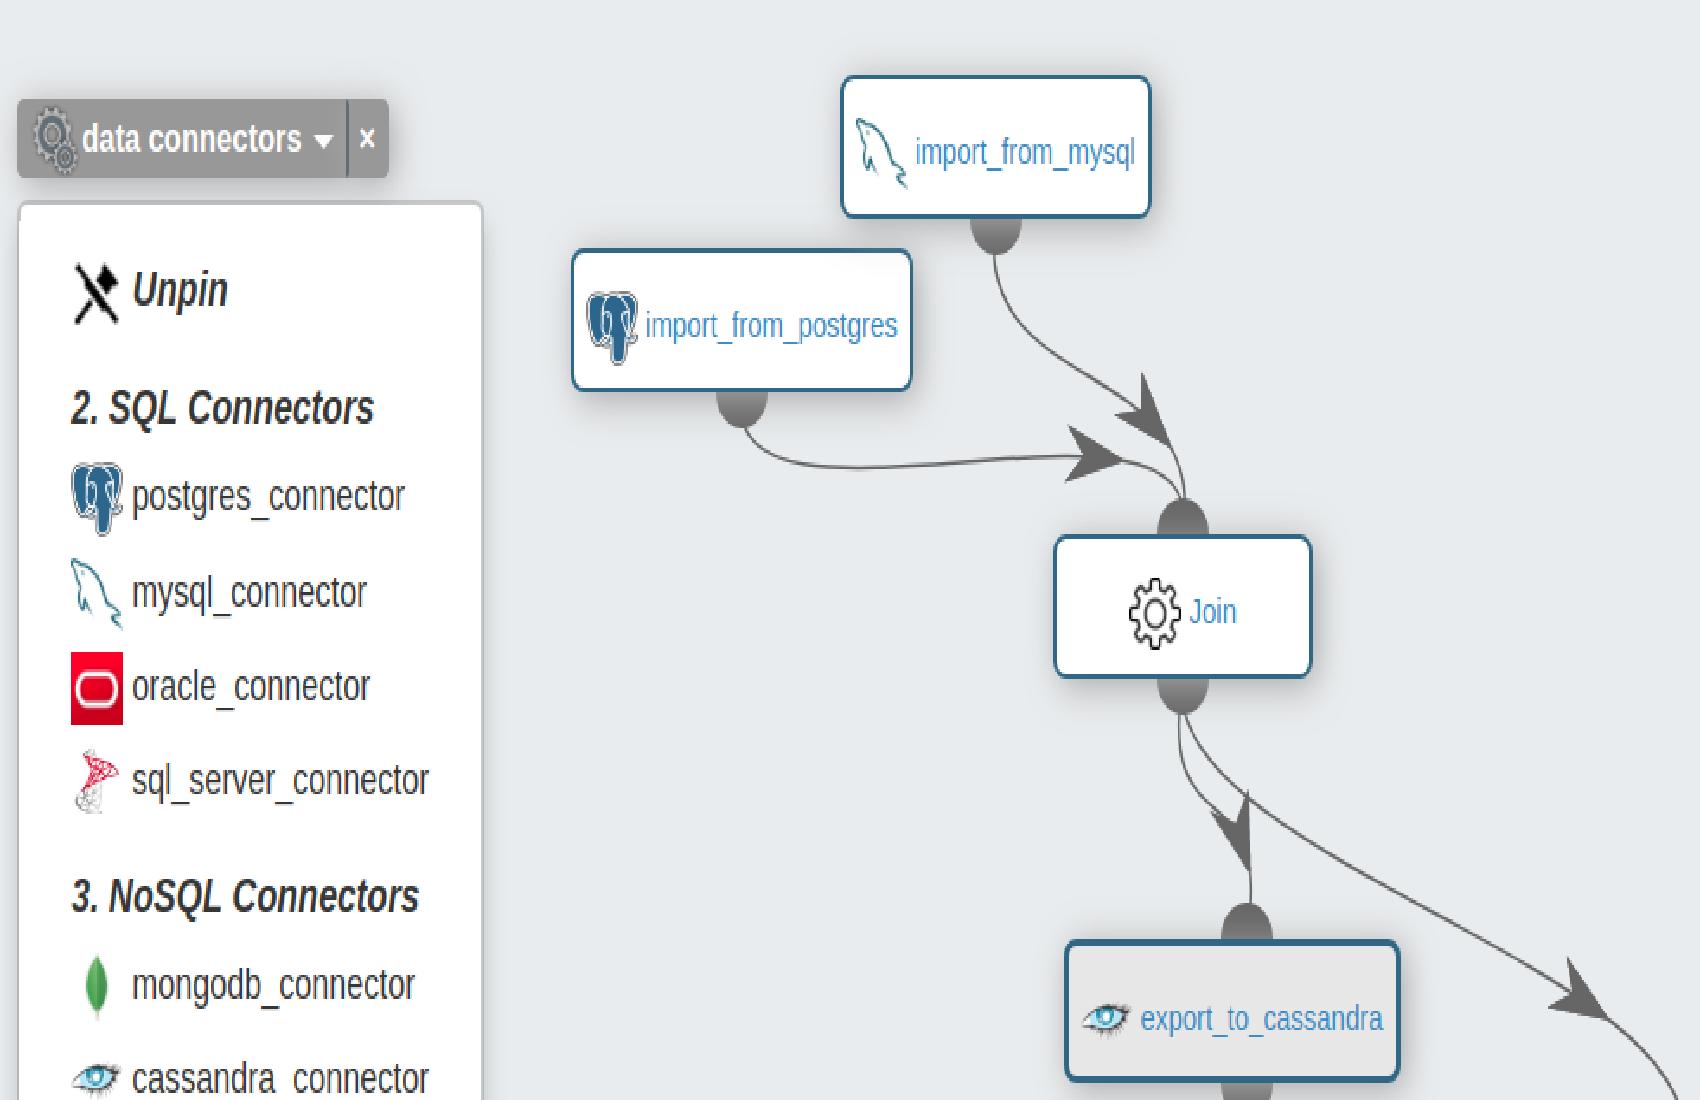 images/product-screenshots/screenshot-data-connectors-1.png